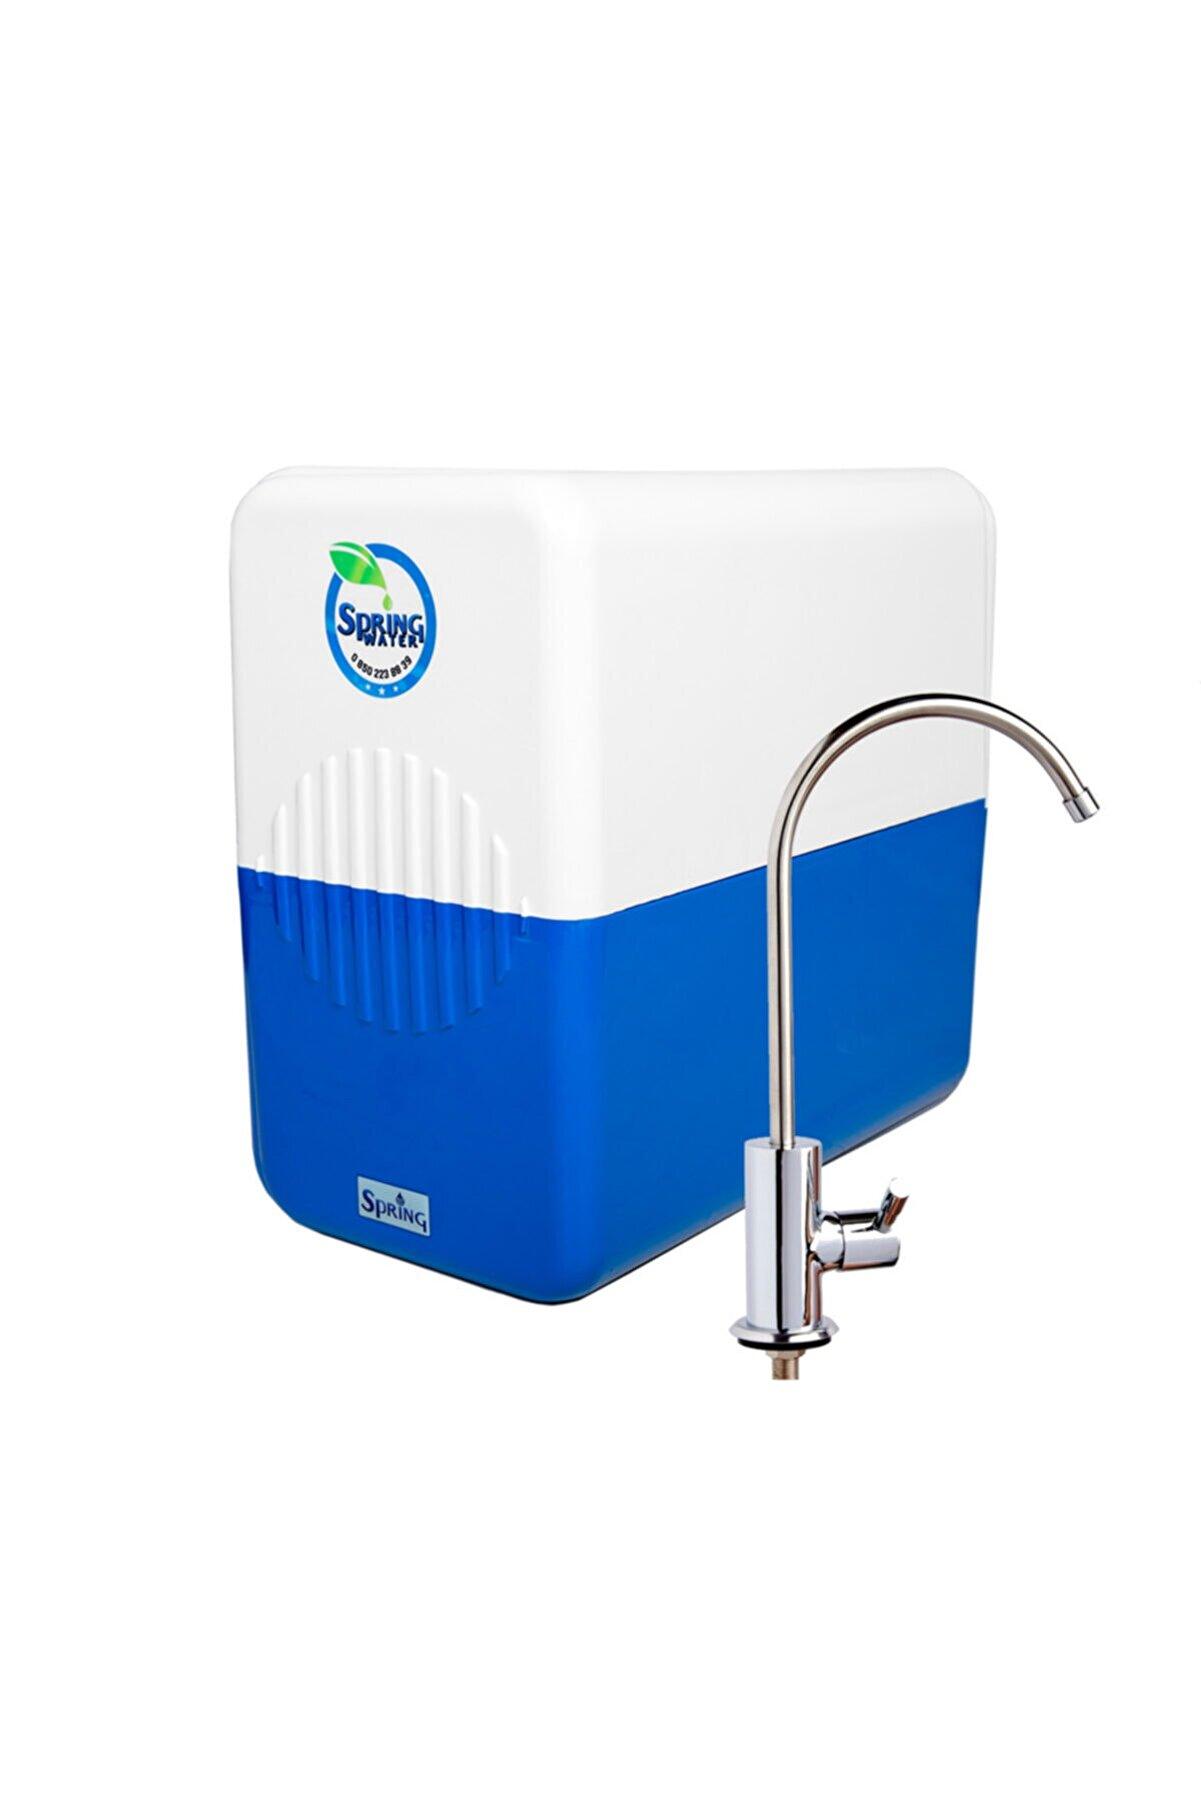 Spring Water Vaha 11 Aşamalı Su Arıtma Cihazı